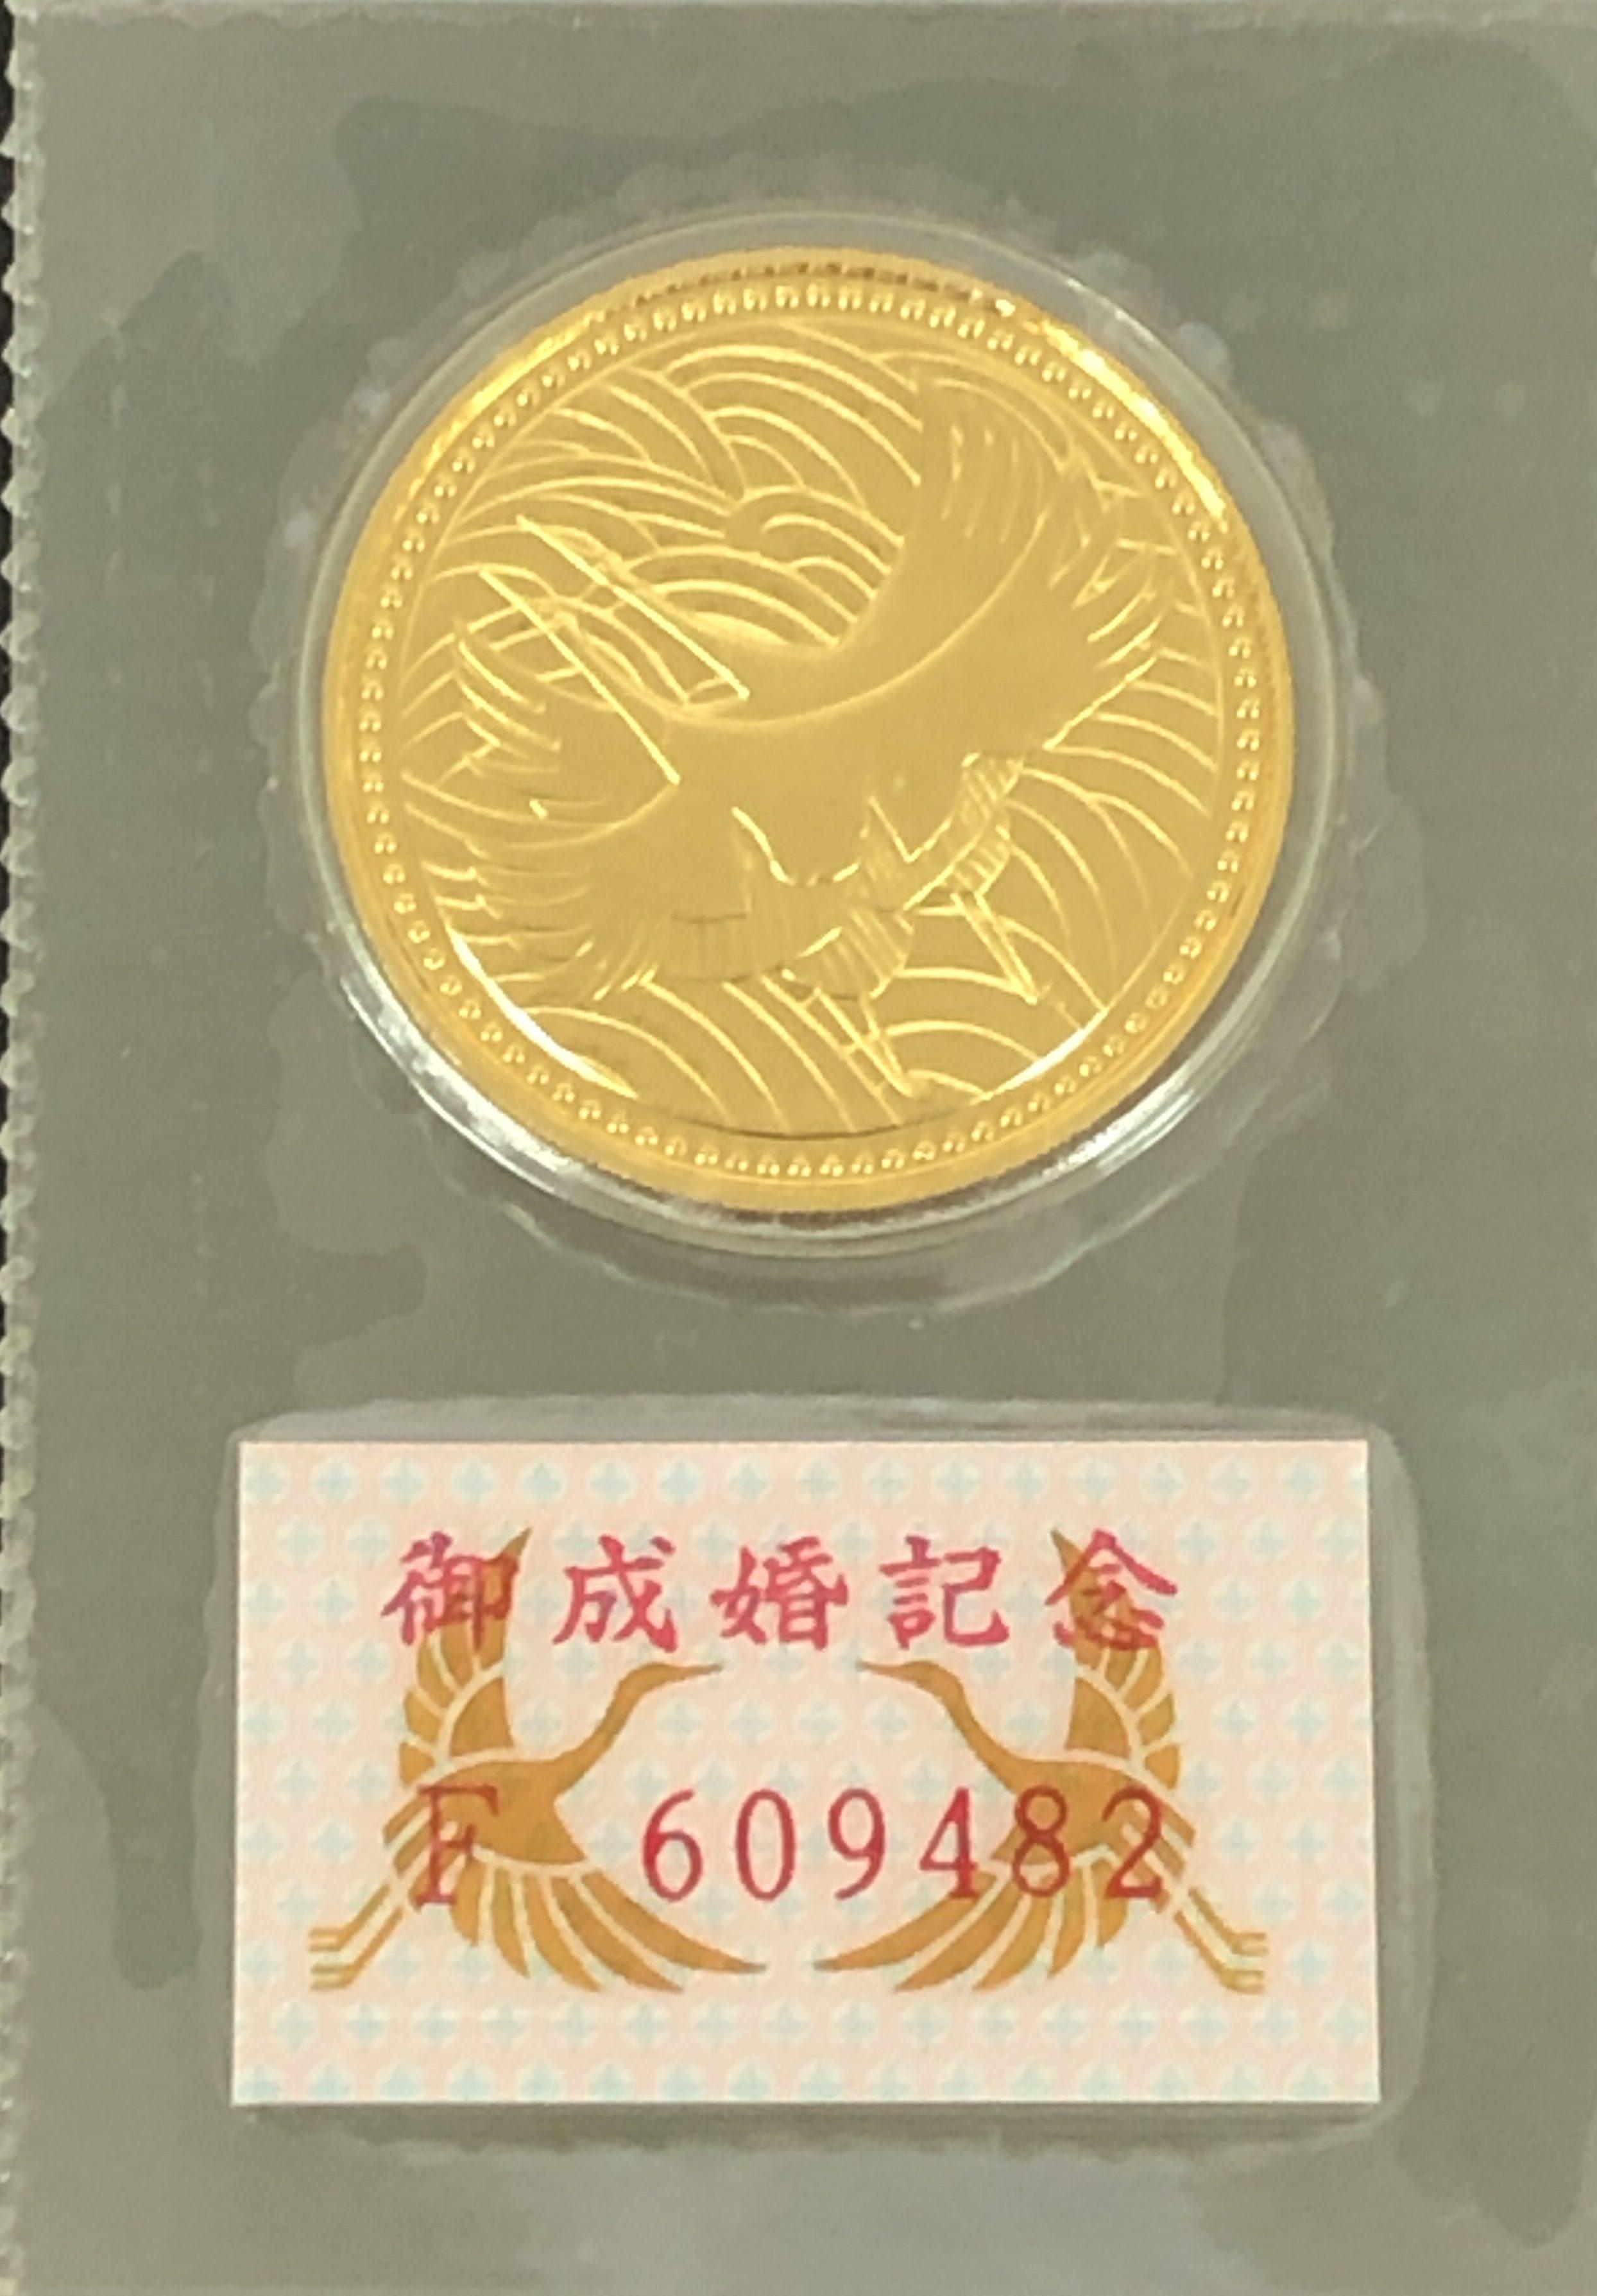 金貨 金 貴金属 記念金貨 高額買取 買取 皇太子殿下御成婚記念5万円金貨